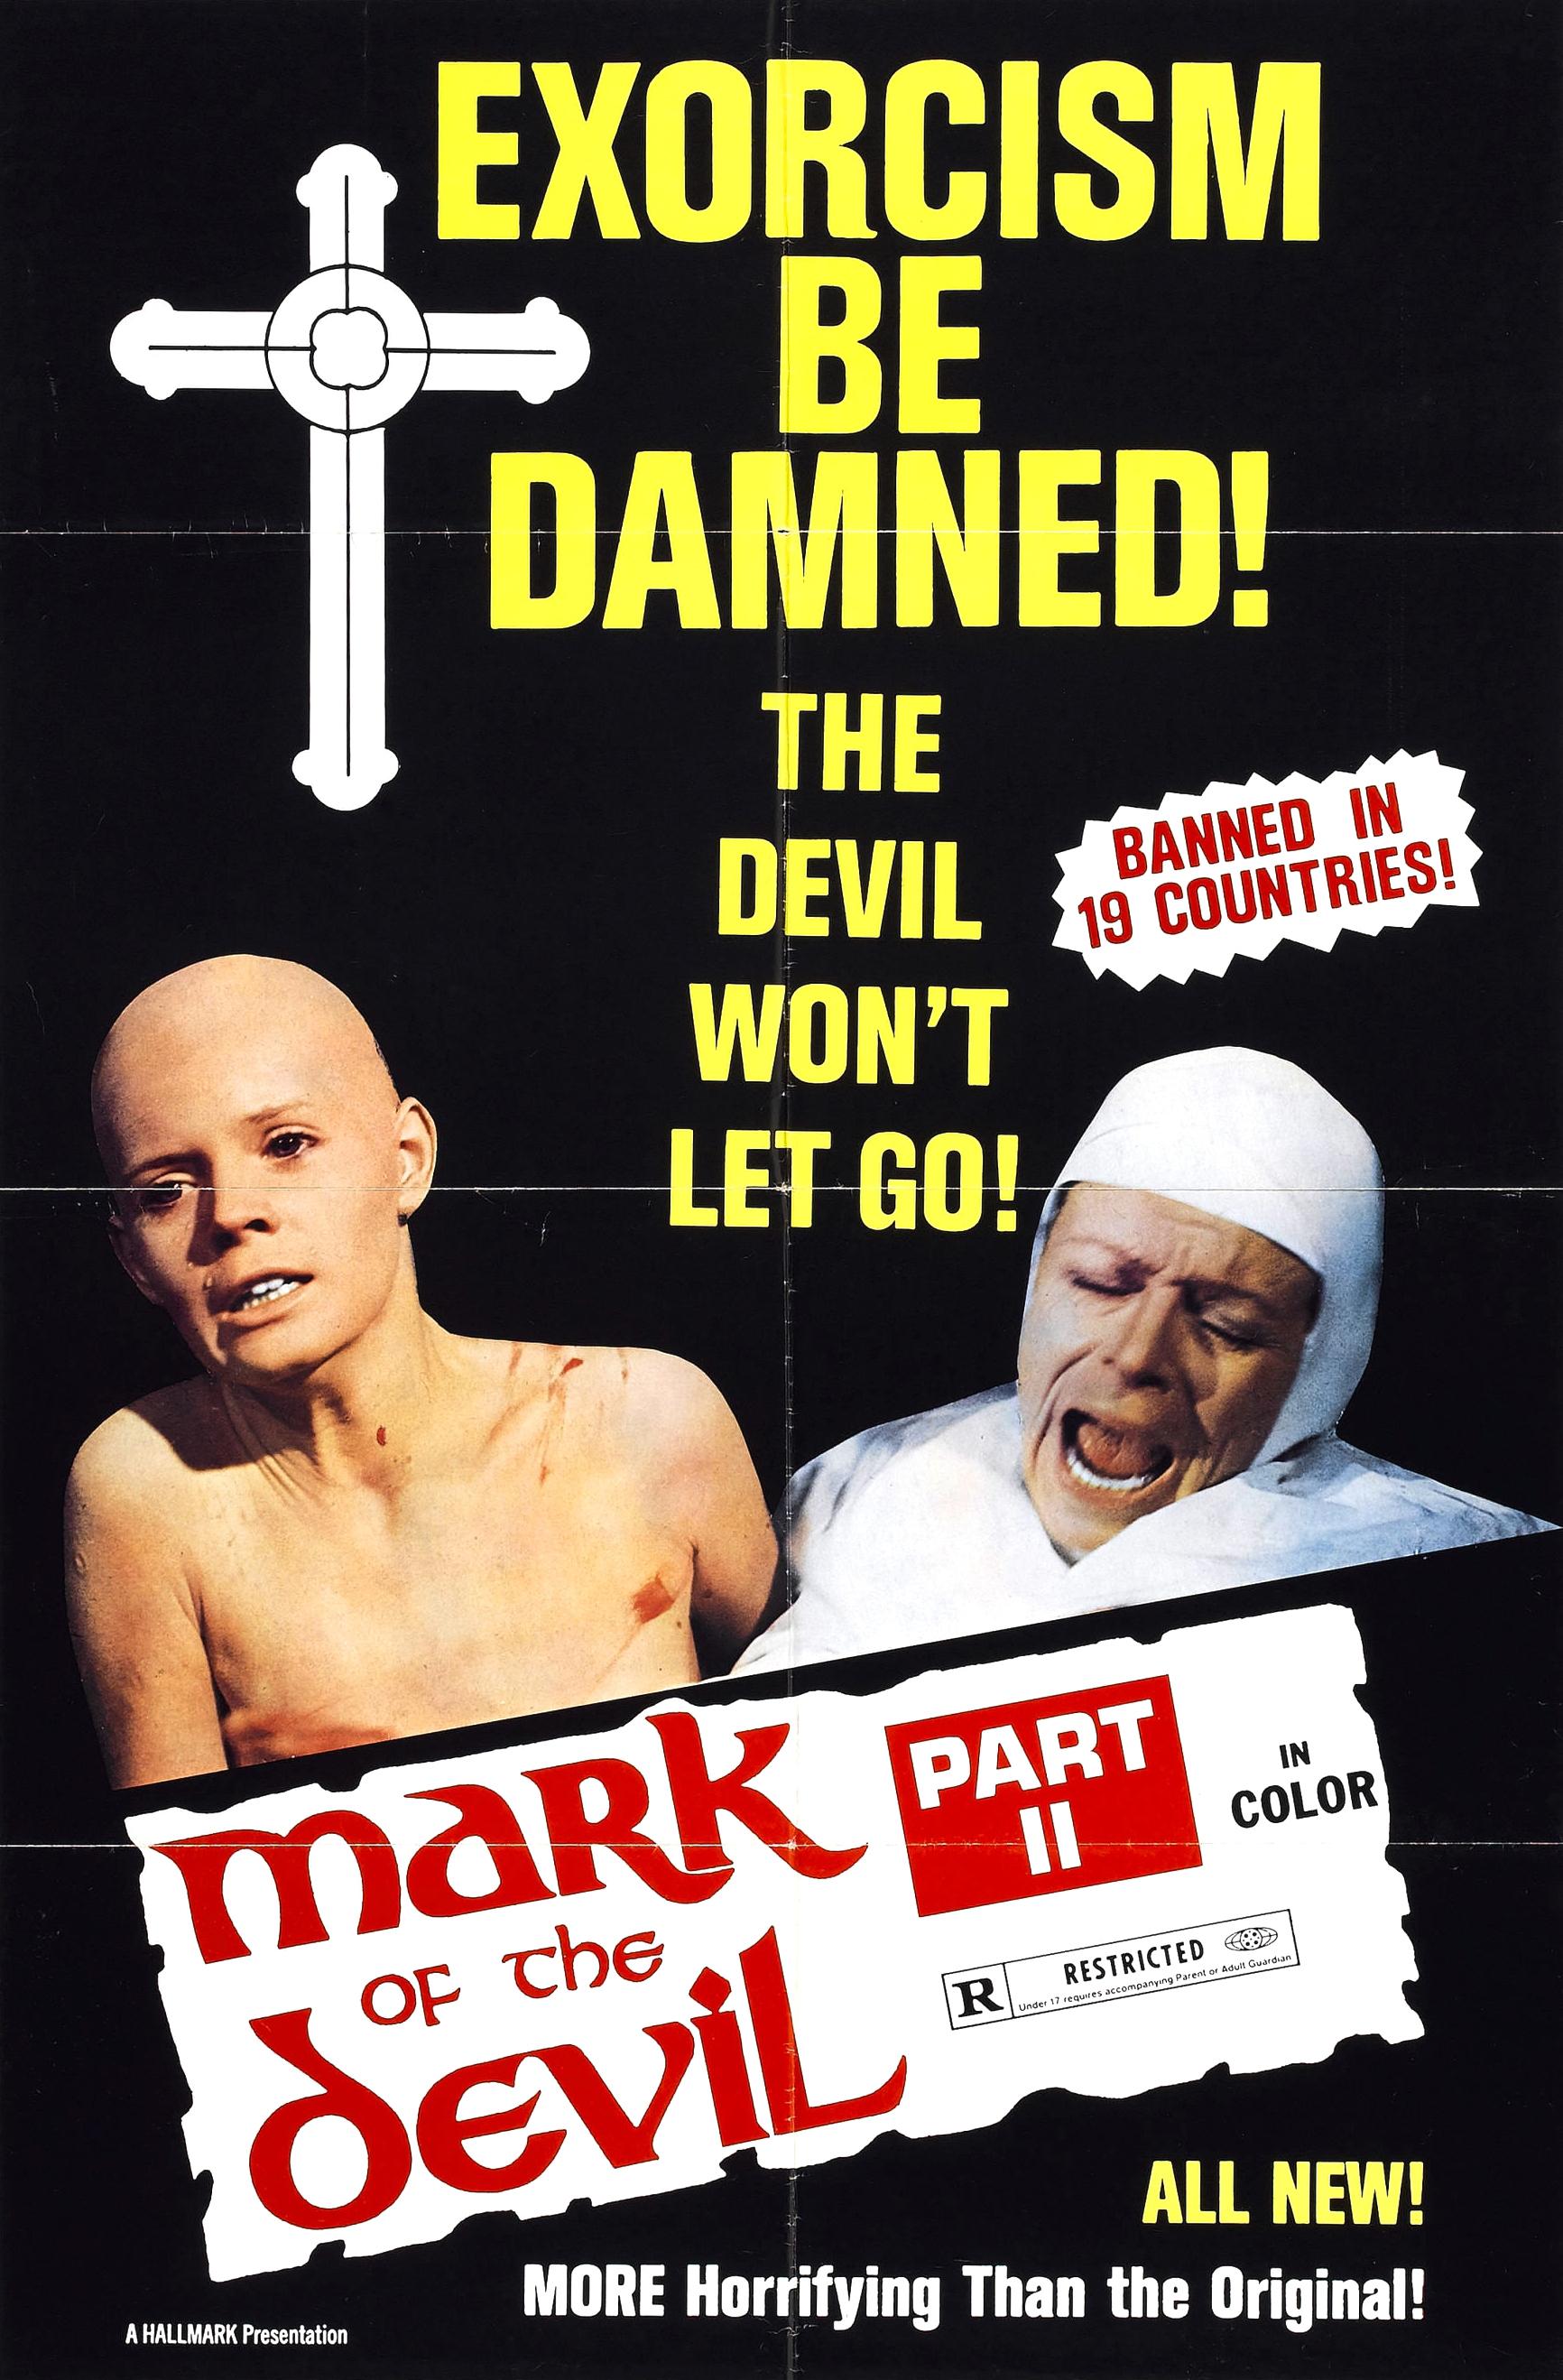 Mark of the Devil Part II kapak